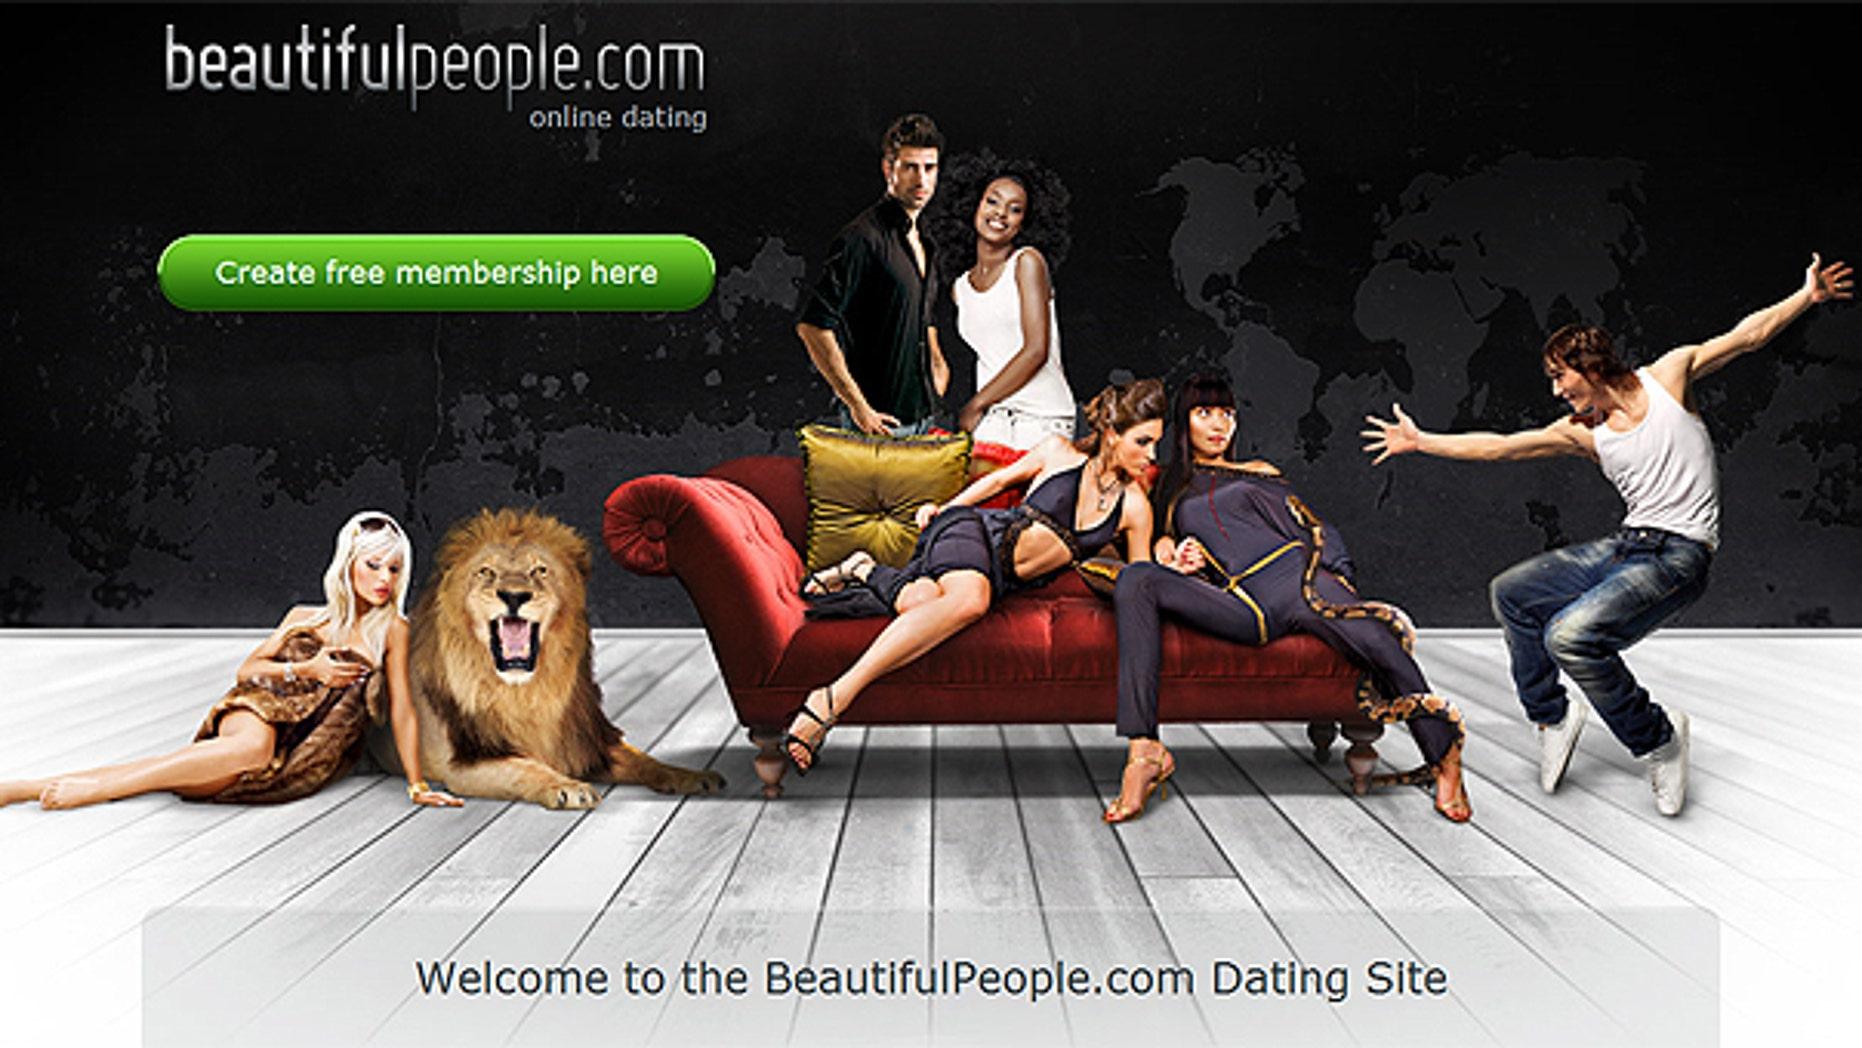 Ilmainen online dating sites Tanska Post dating ensimmäinen MOT todistukset